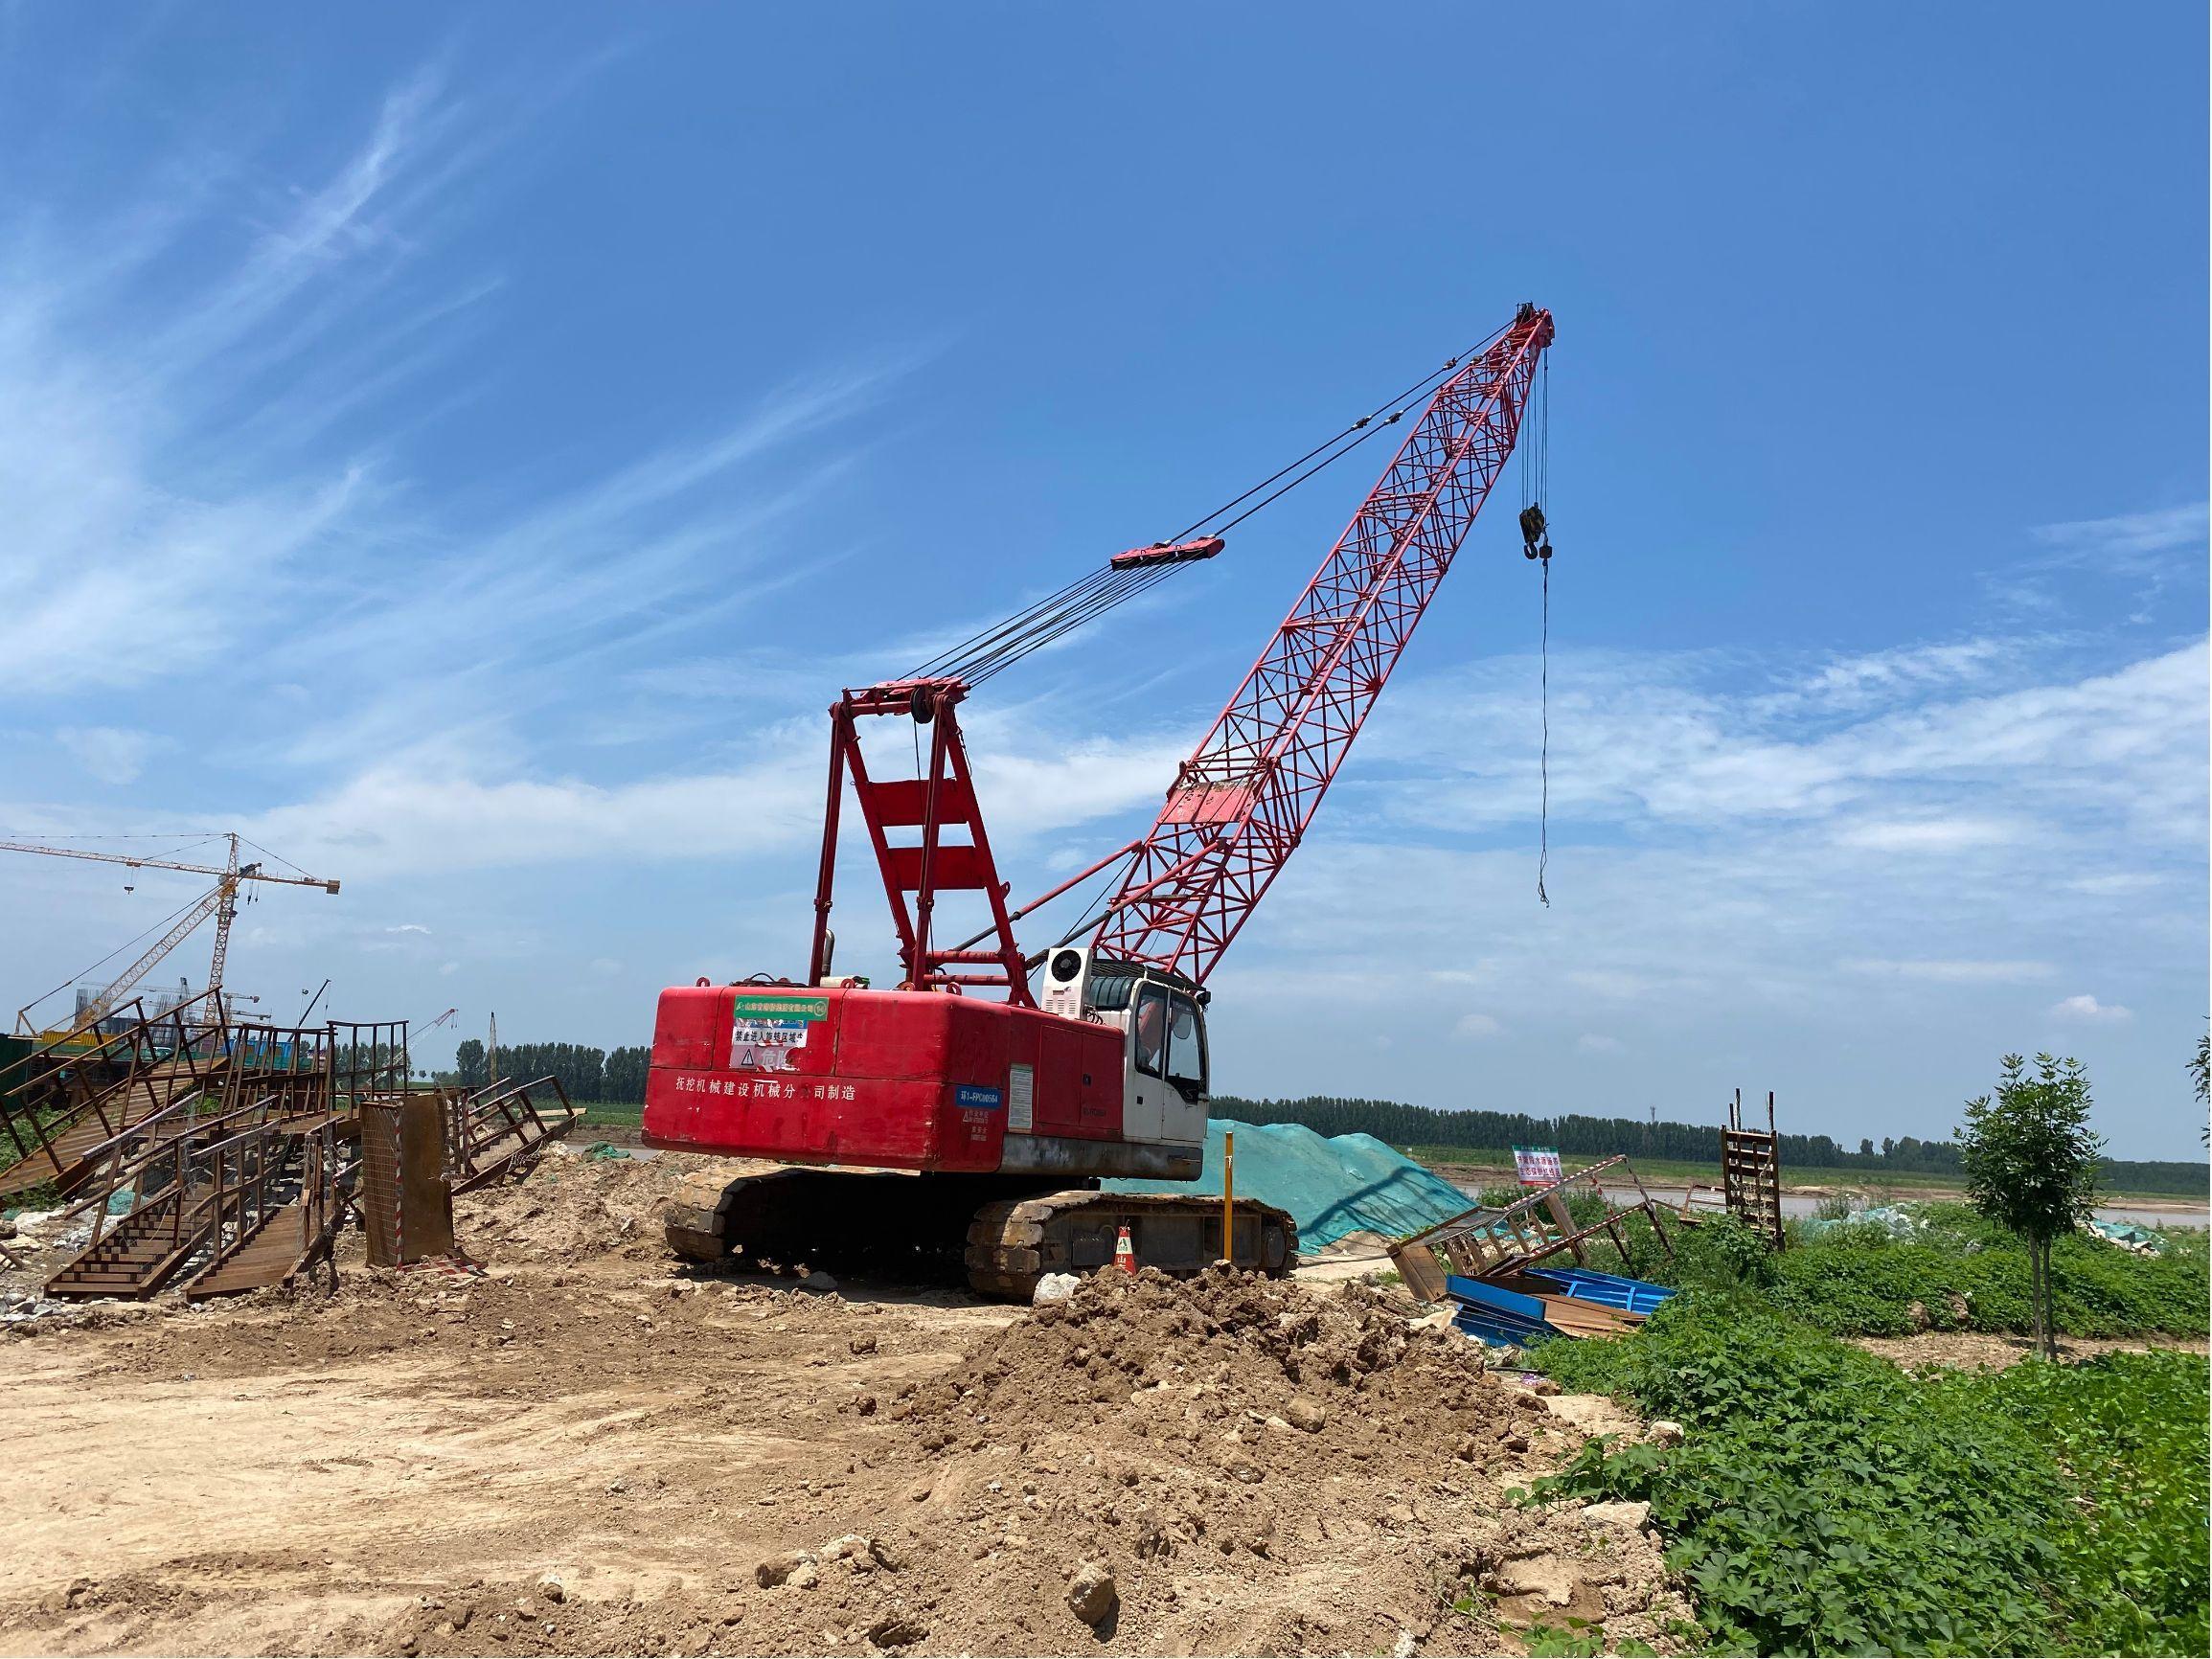 [出租]抚挖-QUY50A-50吨